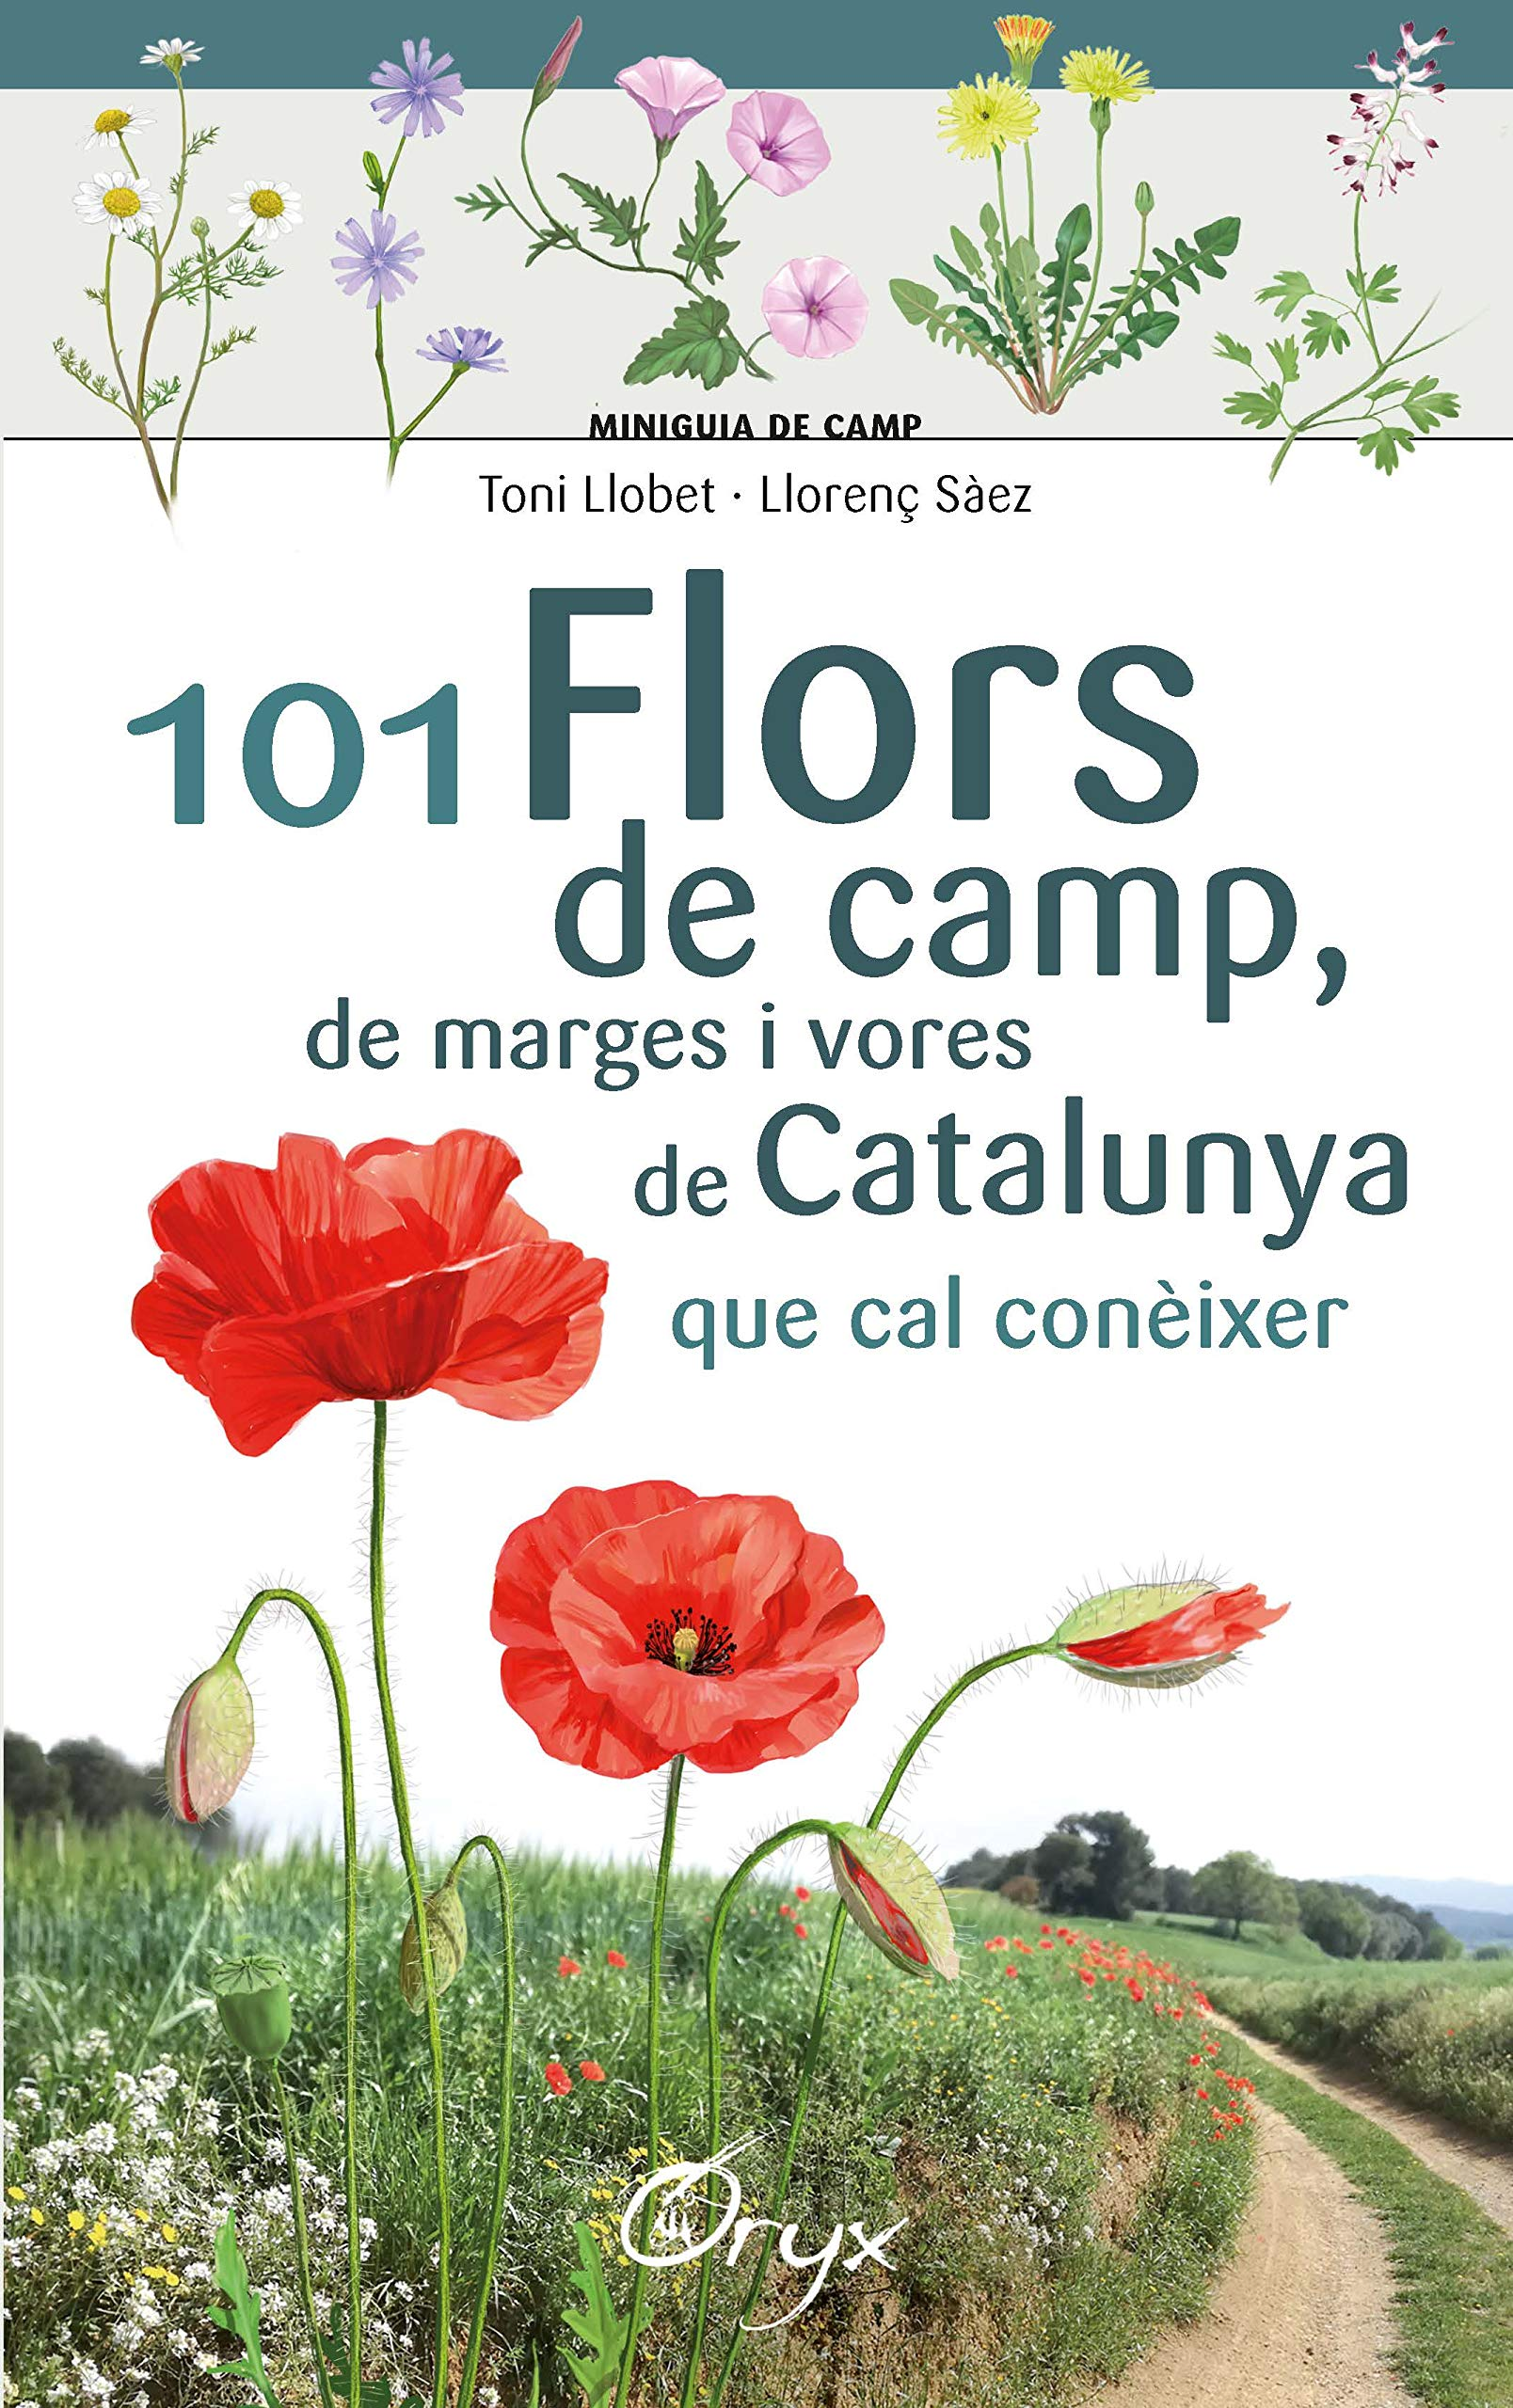 101 flors de camp, de marges i vores de Catalunya (Miniguia de camp)